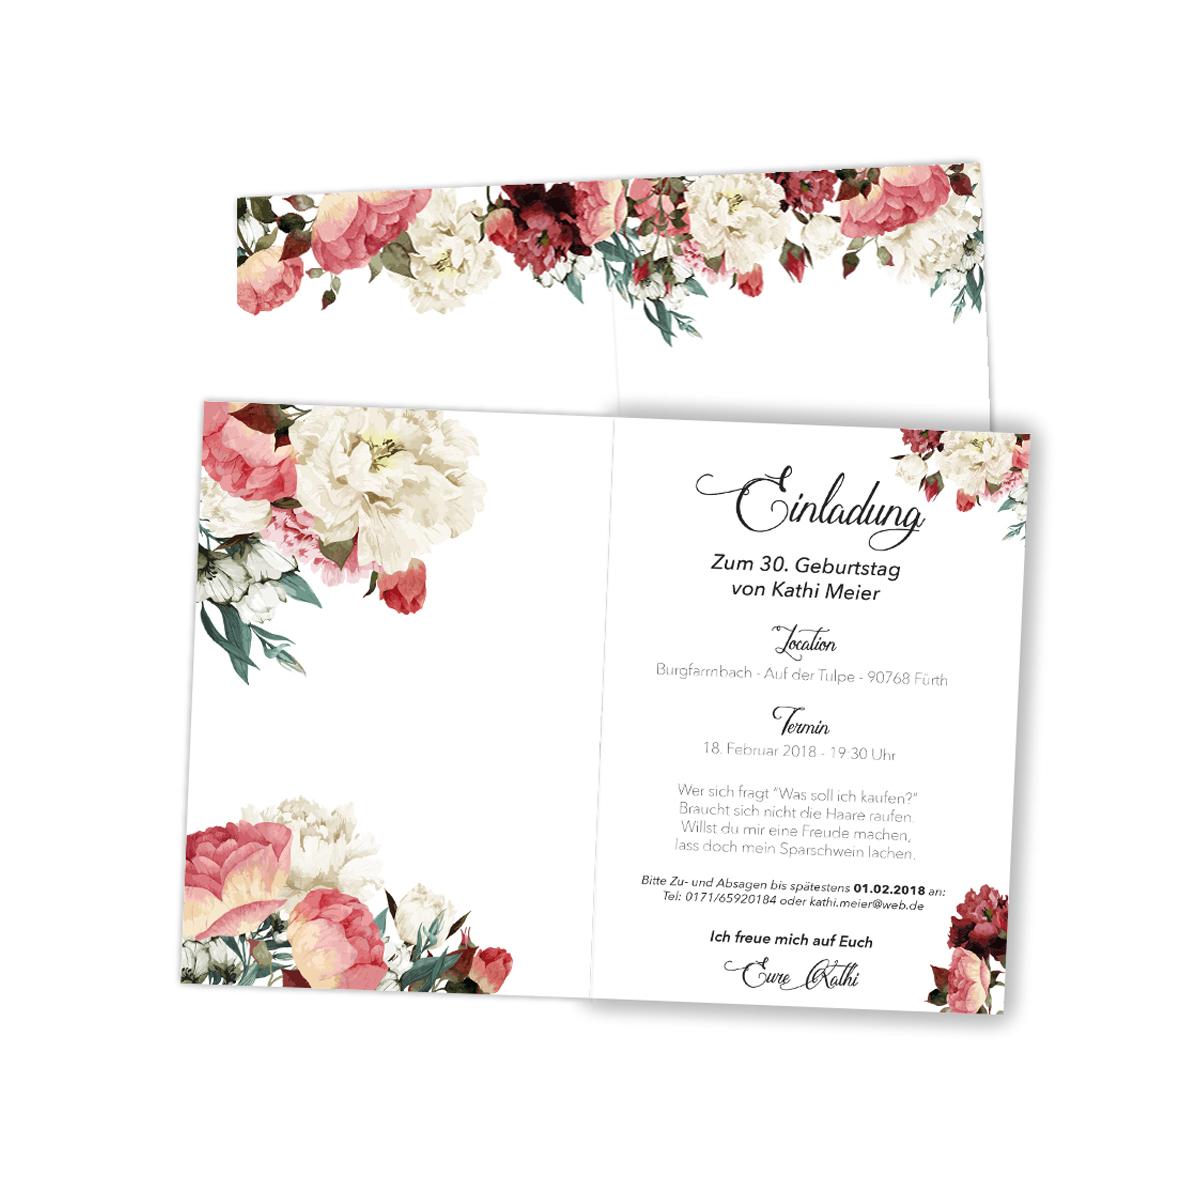 einladungen zum geburtstag rosen blumen klappkarten einladungskarten ebay. Black Bedroom Furniture Sets. Home Design Ideas